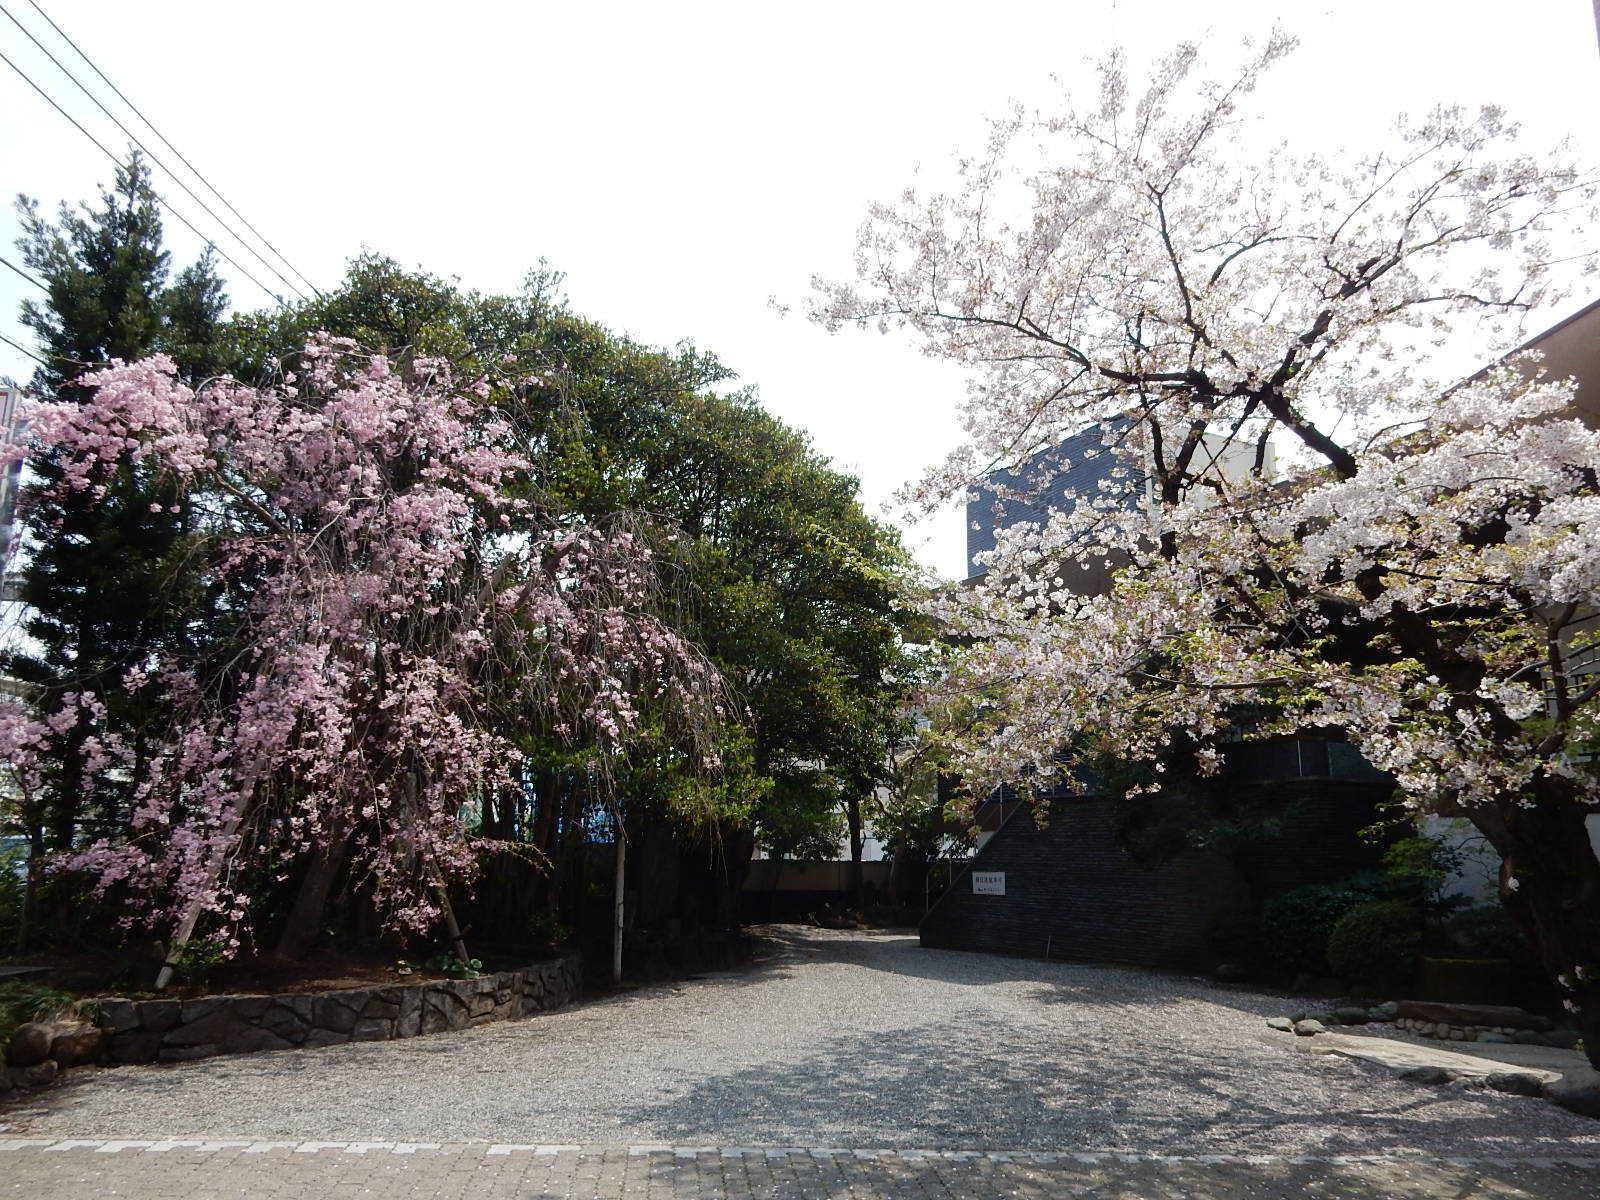 枝垂れ桜と白い桜